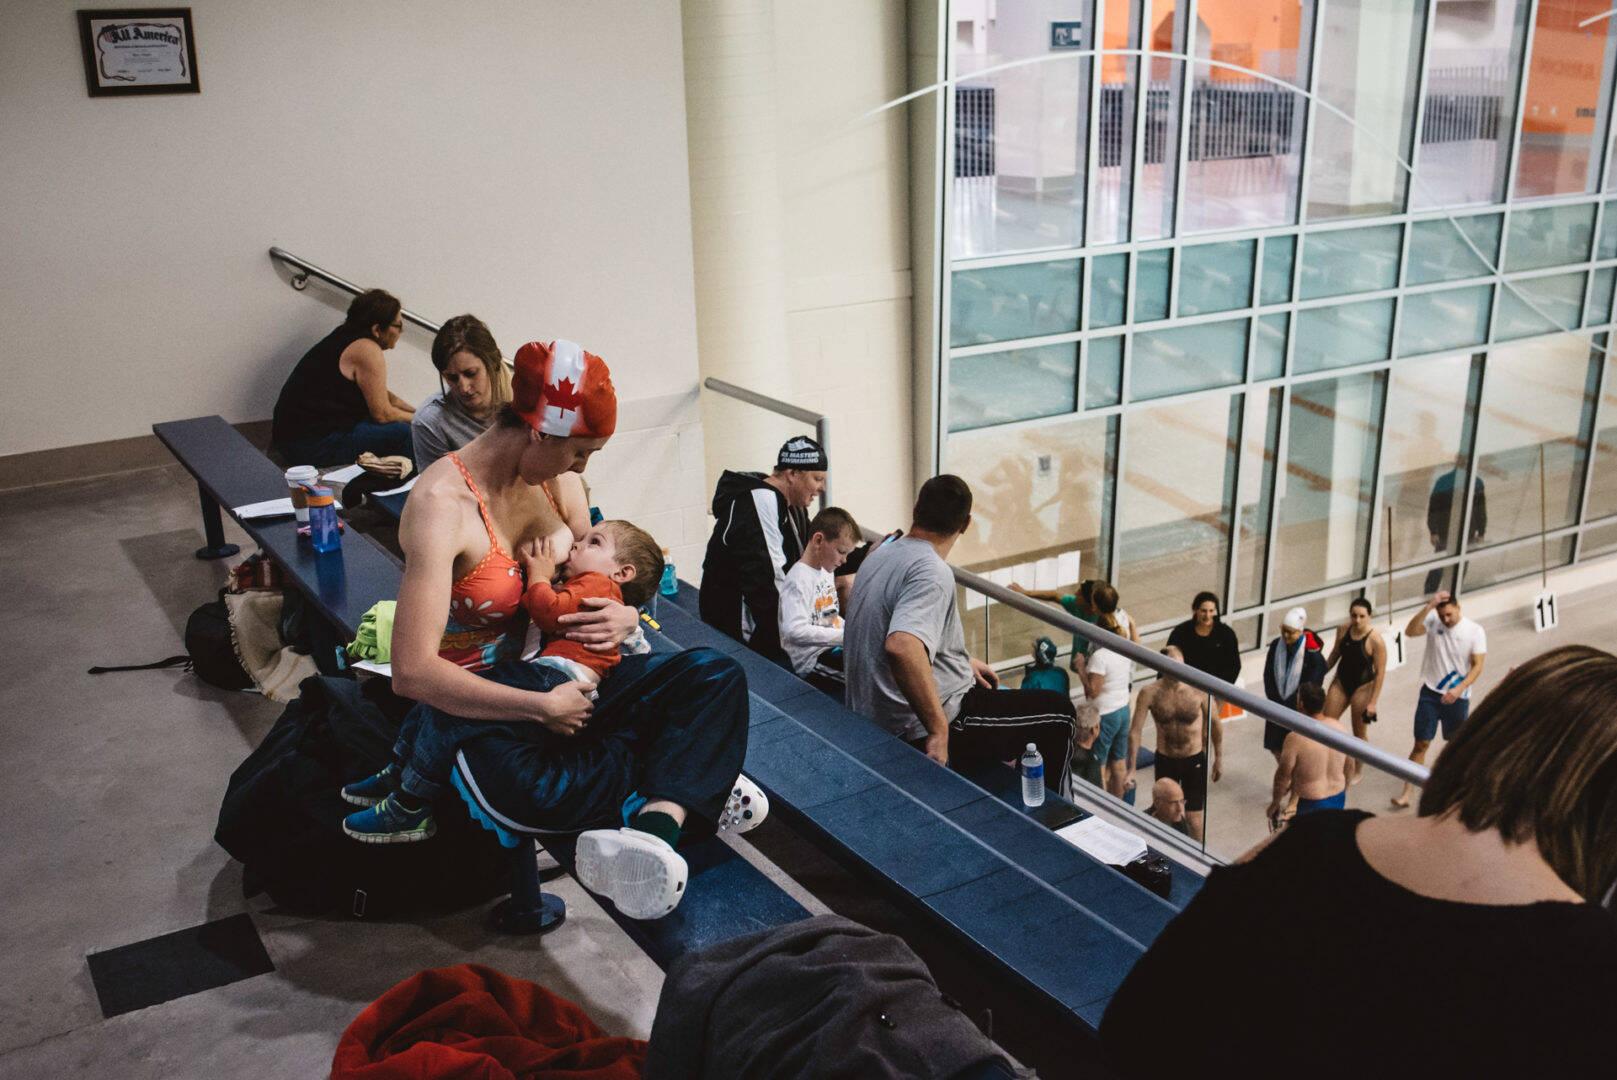 Amamentação   1º lugar no voto popular -  Foto tirada em Serving Rochester, Nova York . Foto: Gabriella Hunt/Gabriella Hunt Photography